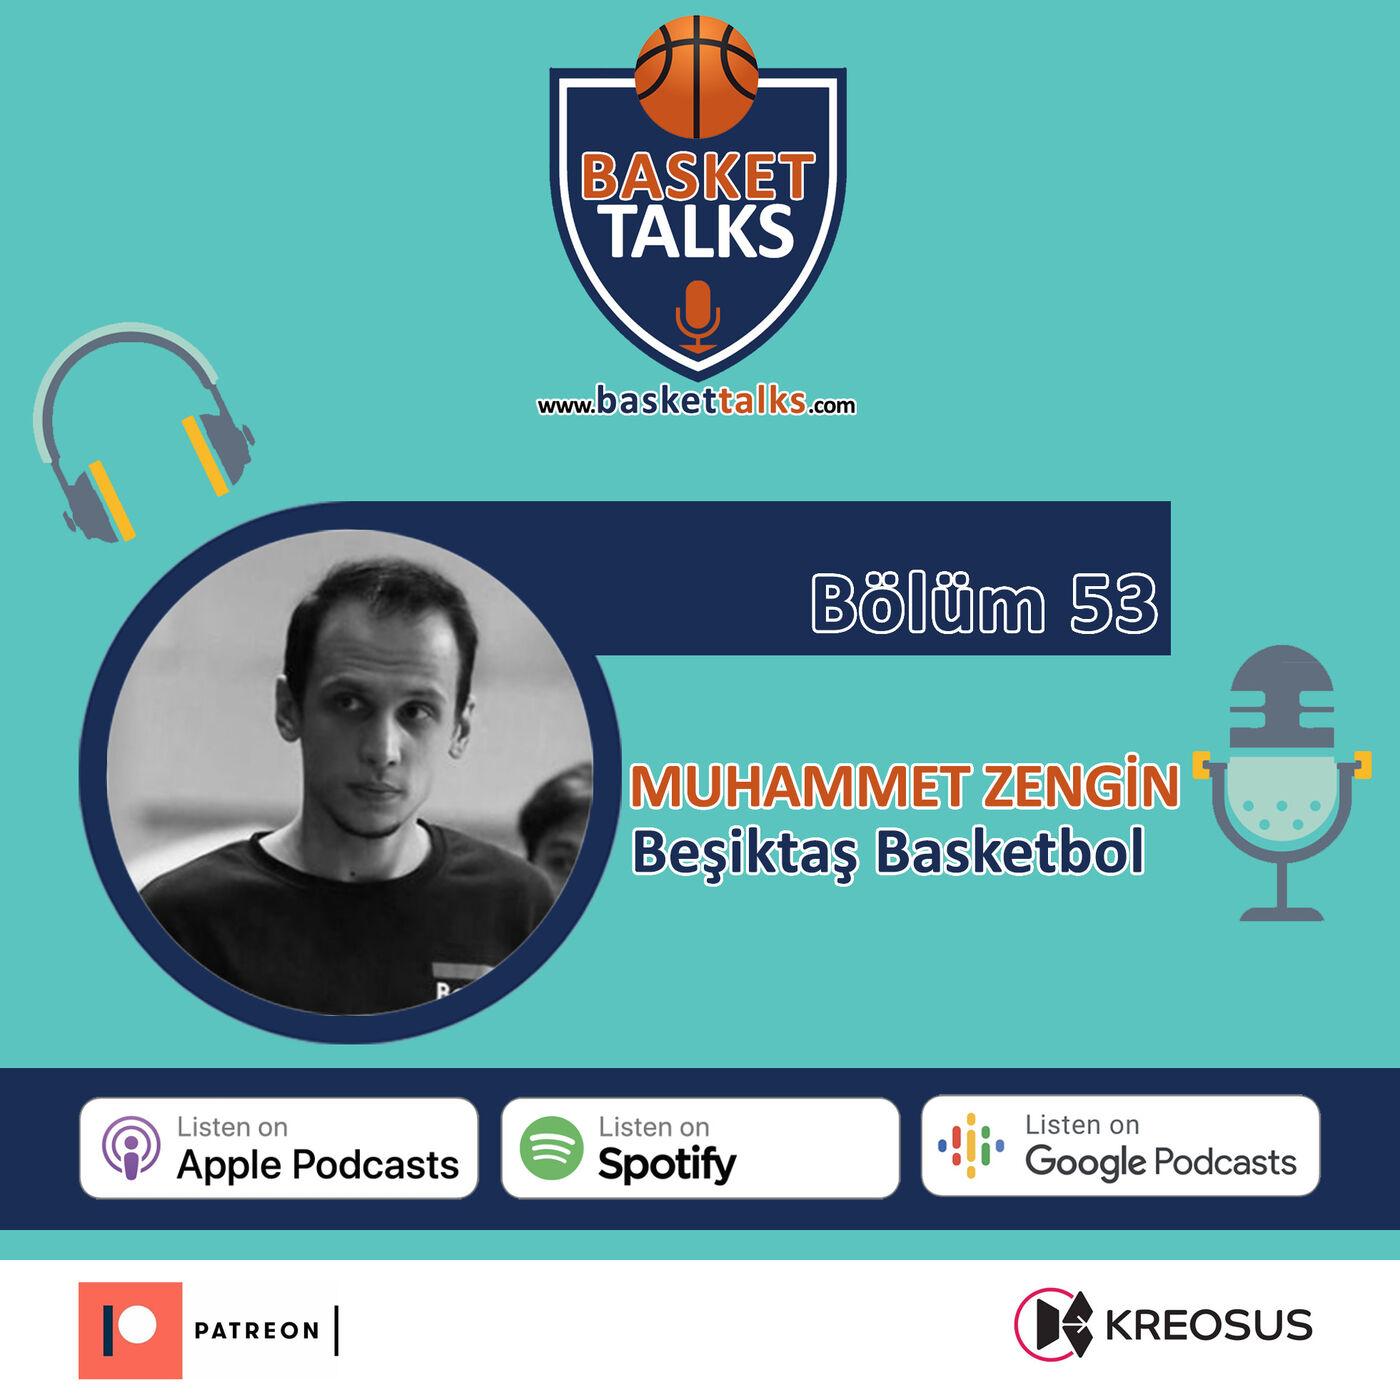 53 / Muhammet Zengin - Beşiktaş Basketbol